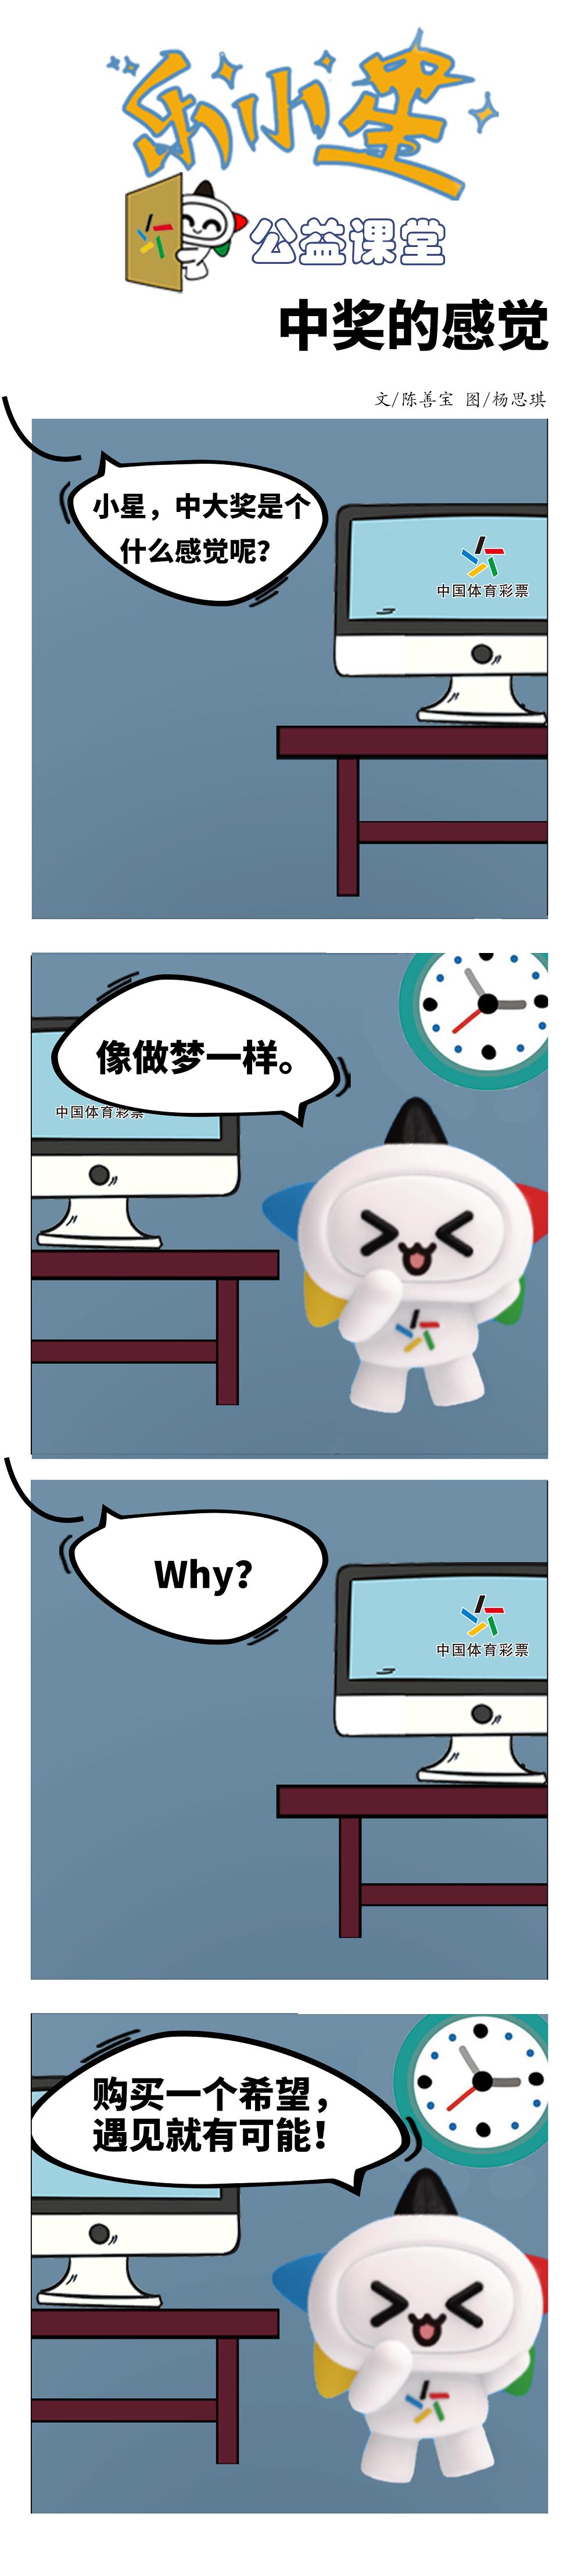 《乐小星公益课堂•四格漫画》之一